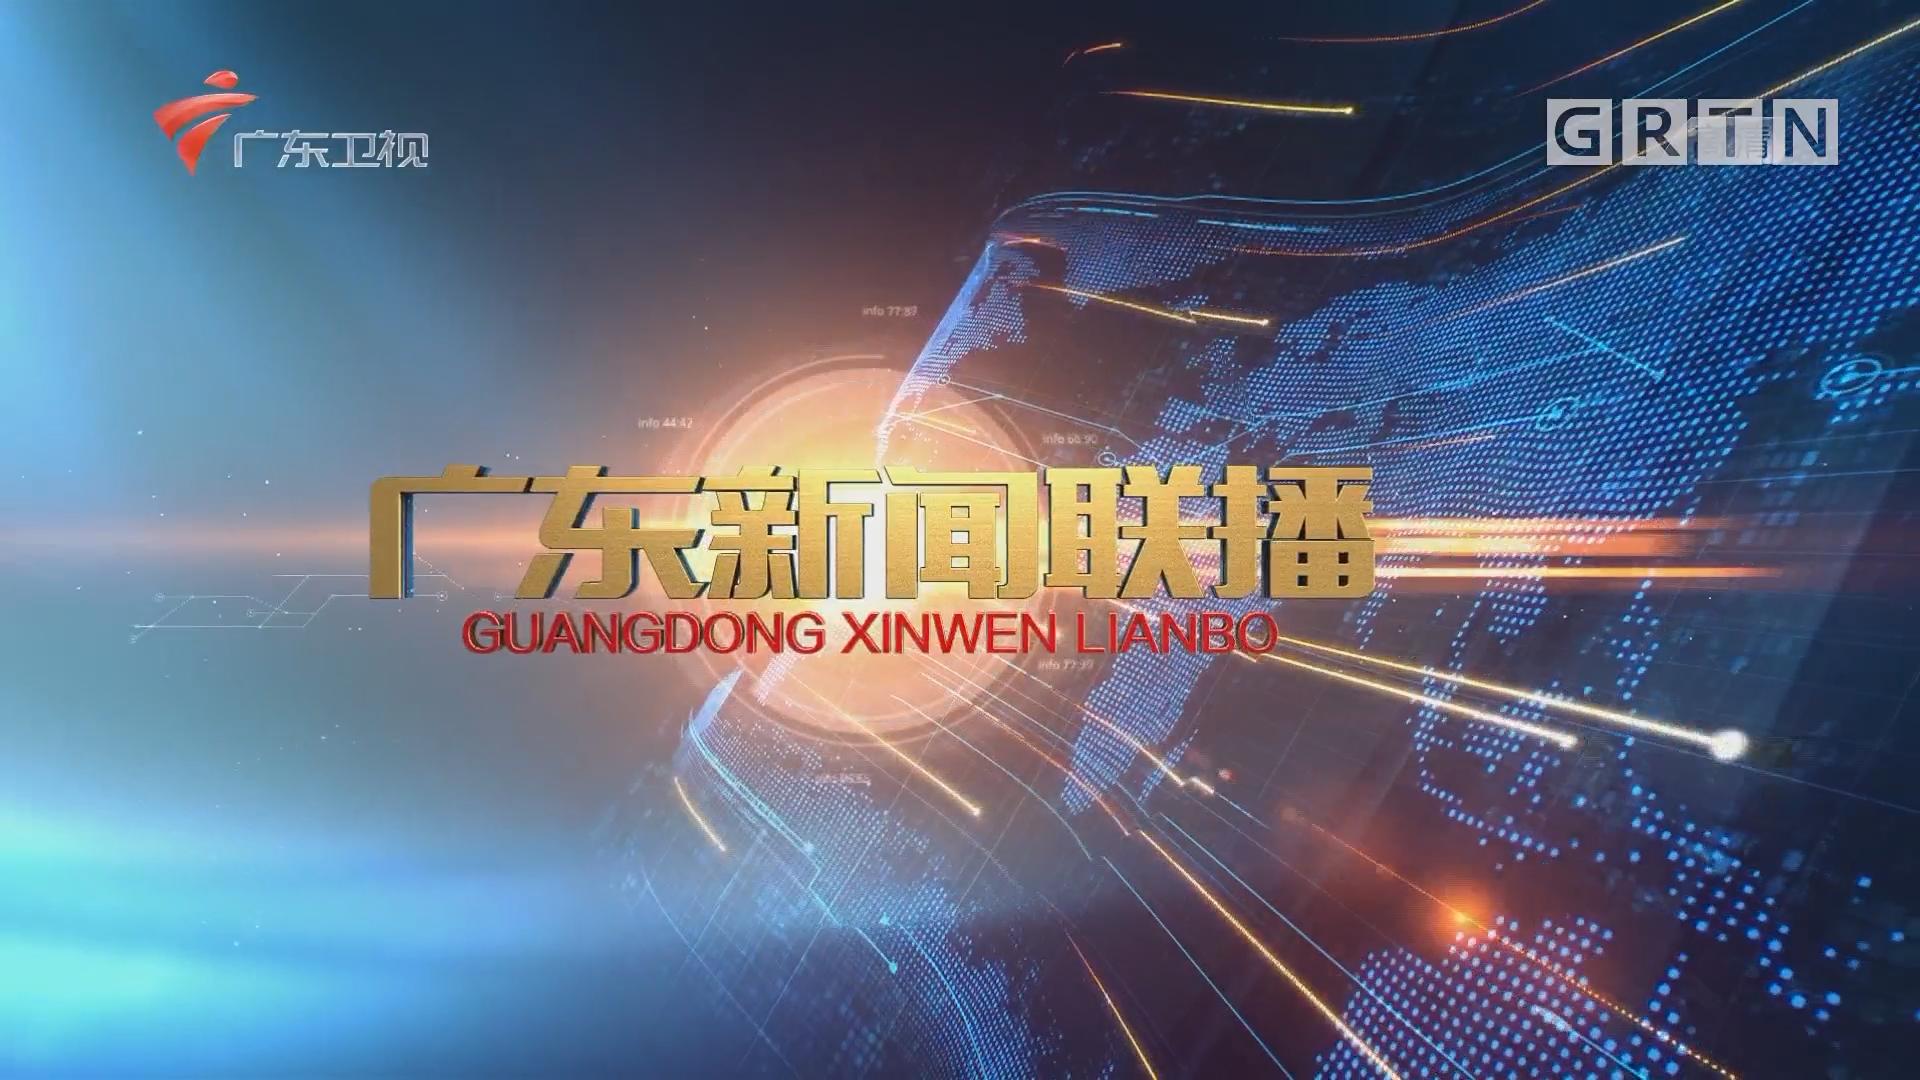 """[HD][2018-10-08]广东新闻联播:从""""深圳速度""""到""""中国高度"""""""